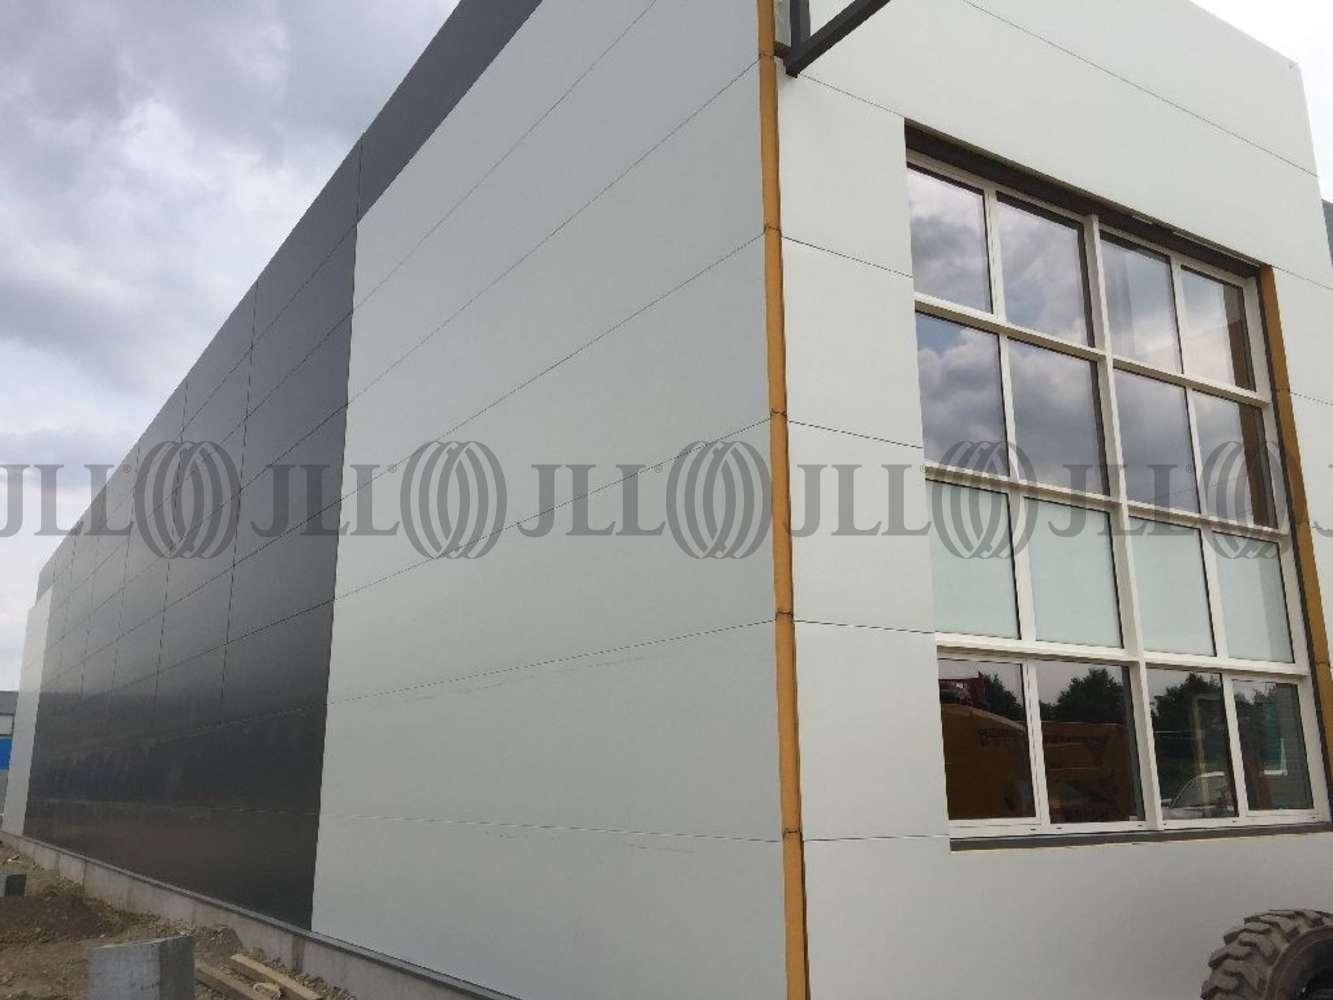 Activités/entrepôt Venissieux, 69200 - Parc Sud Access - Vénissieux - Activité - 10758790